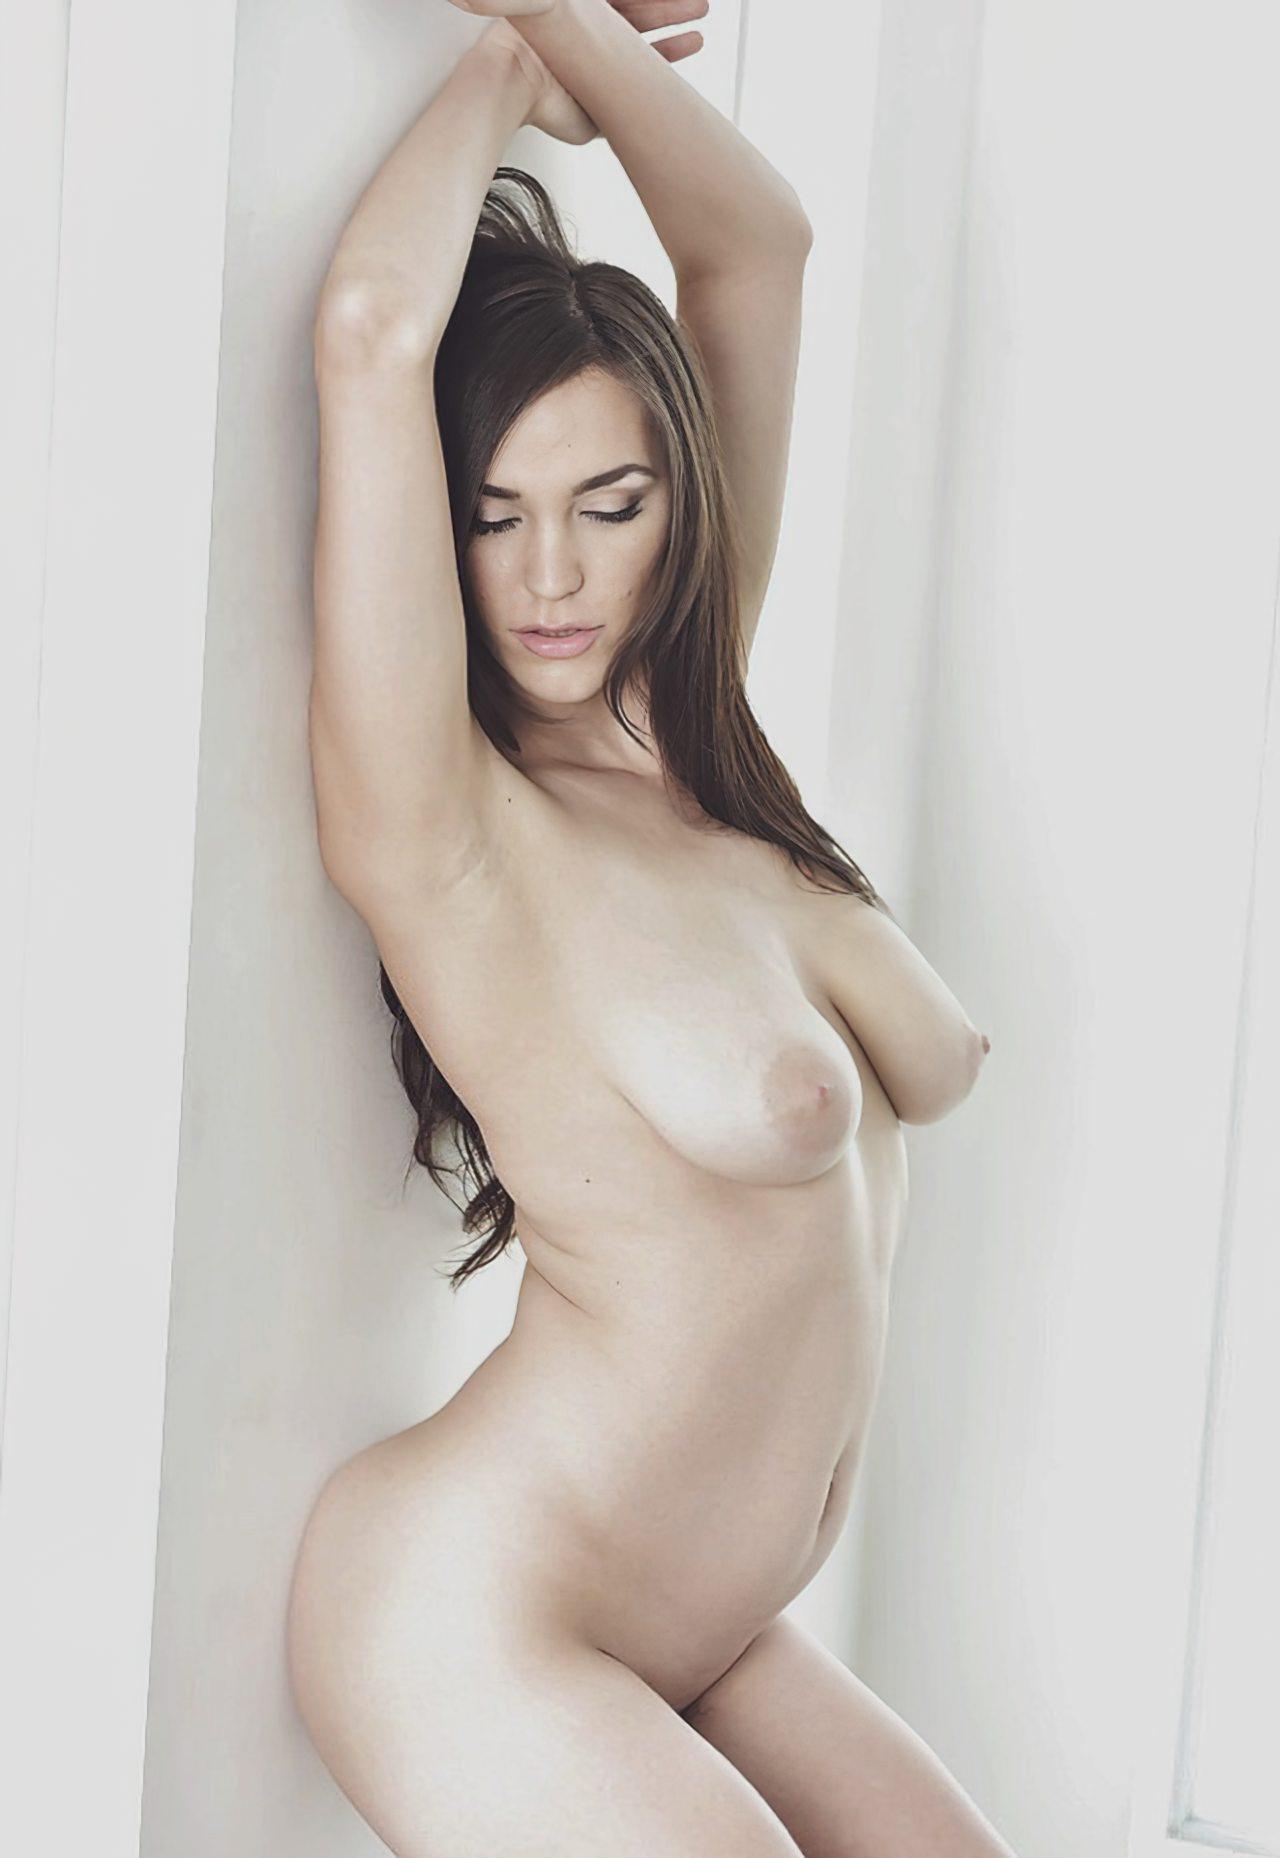 Mulher Despindo Lingerie (6)